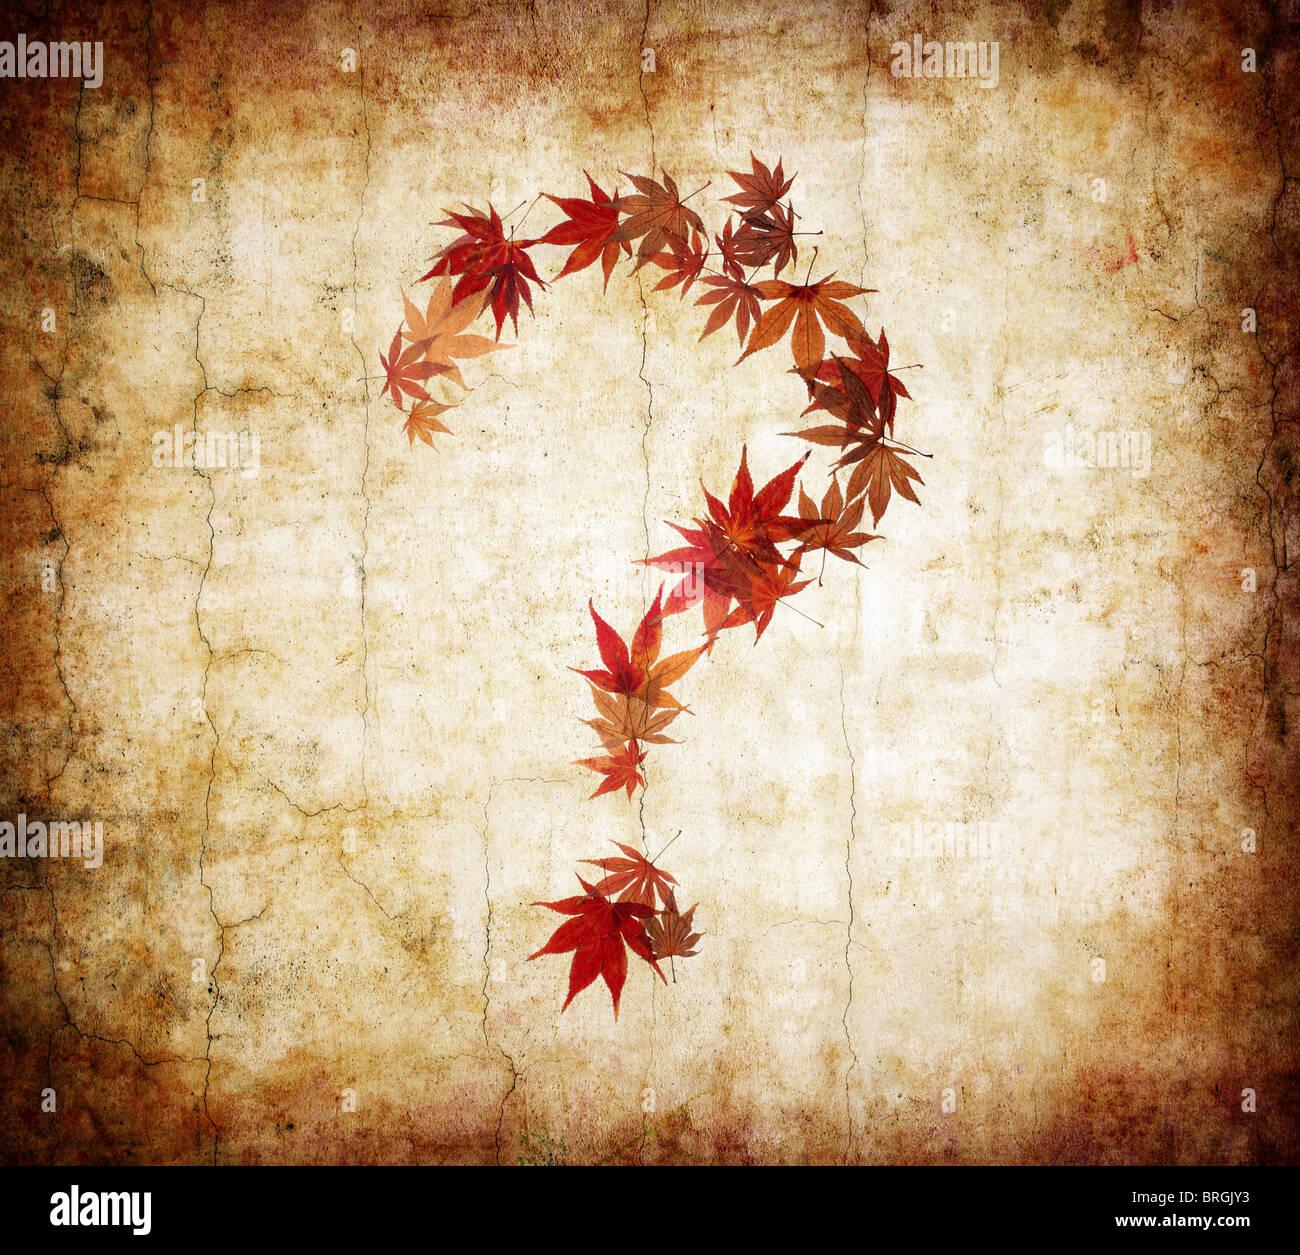 Grunge Hintergrund mit Fragezeichen gemacht durch Blätter Stockbild